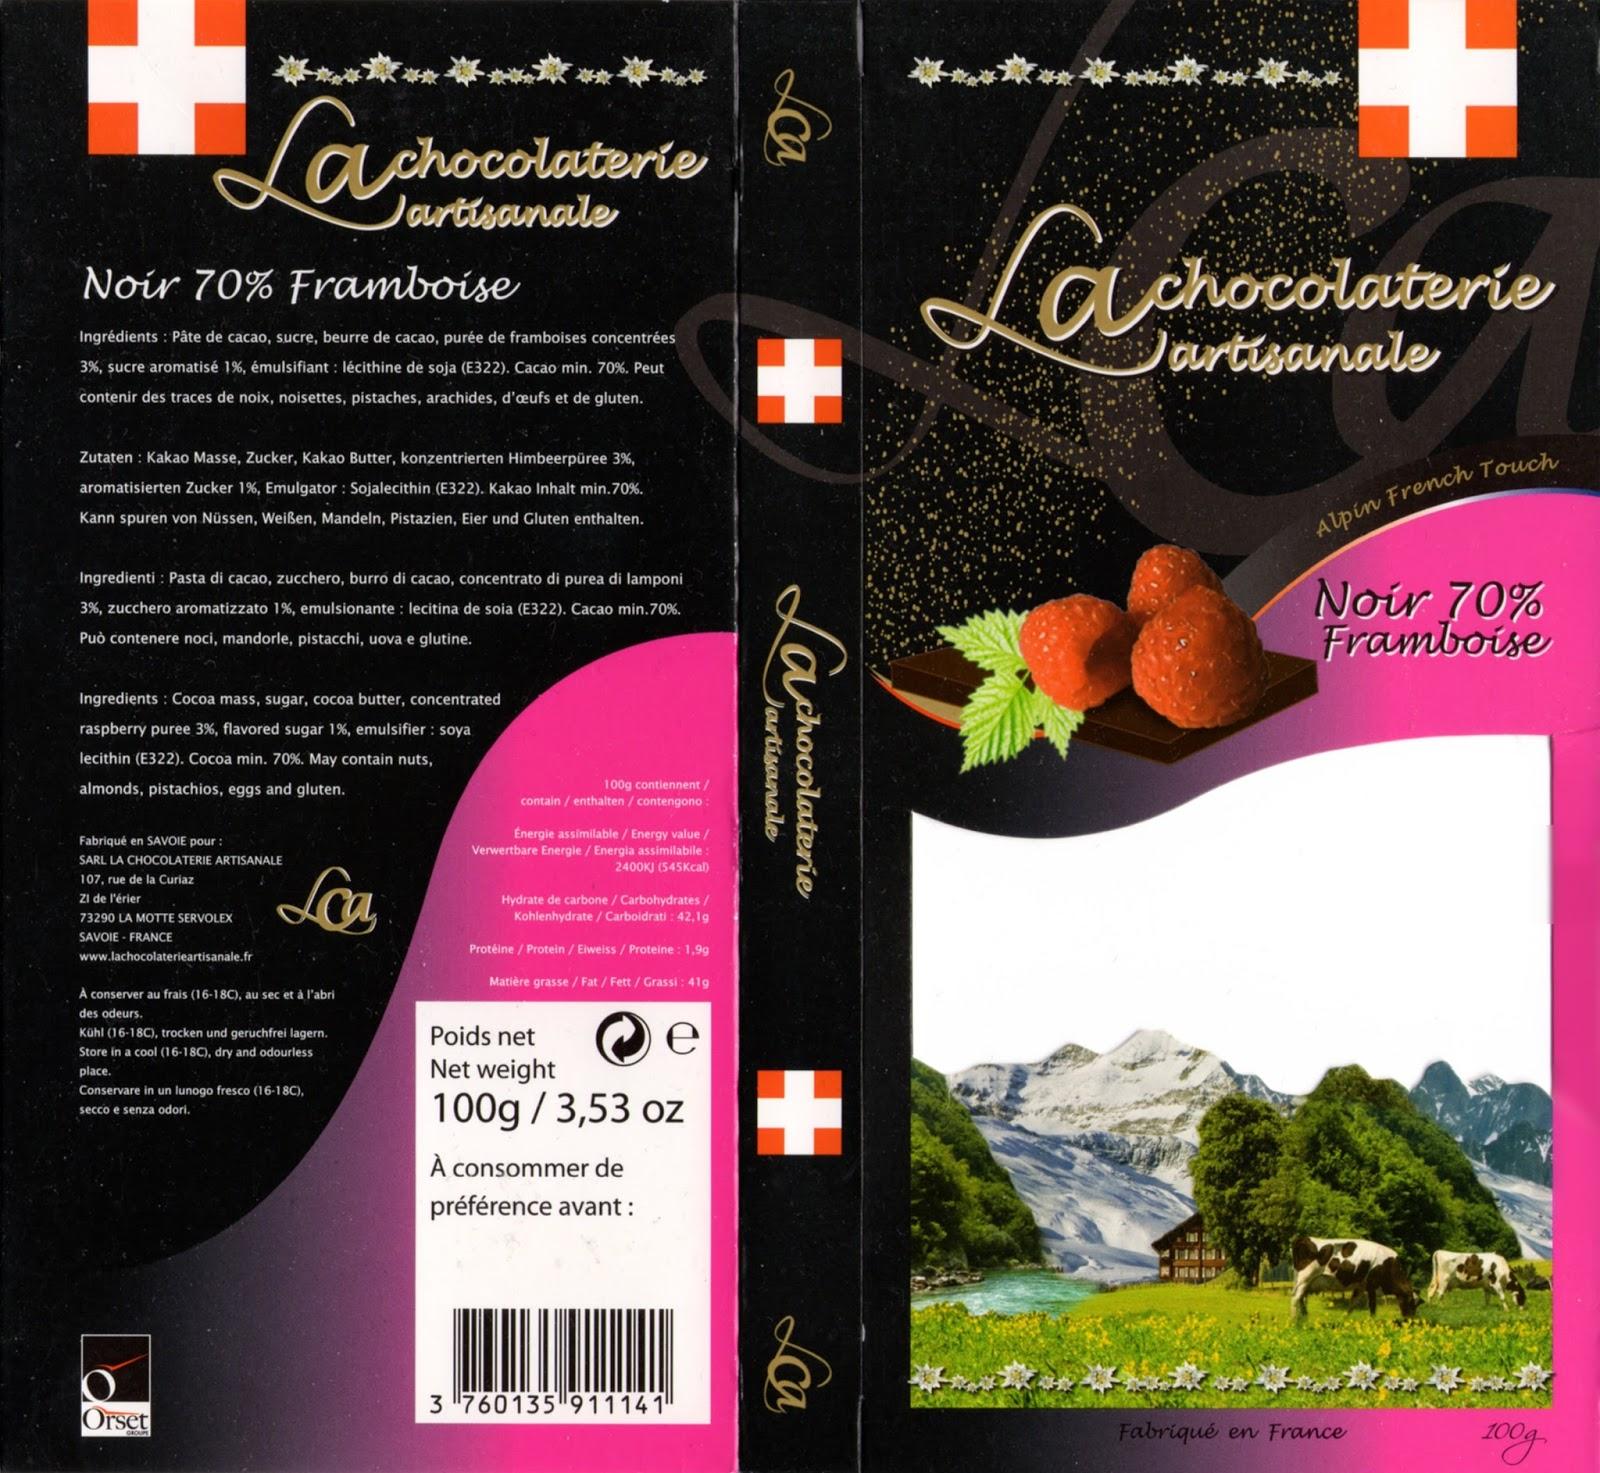 tablette de chocolat noir gourmand la chocolaterie artisanale noir framboise